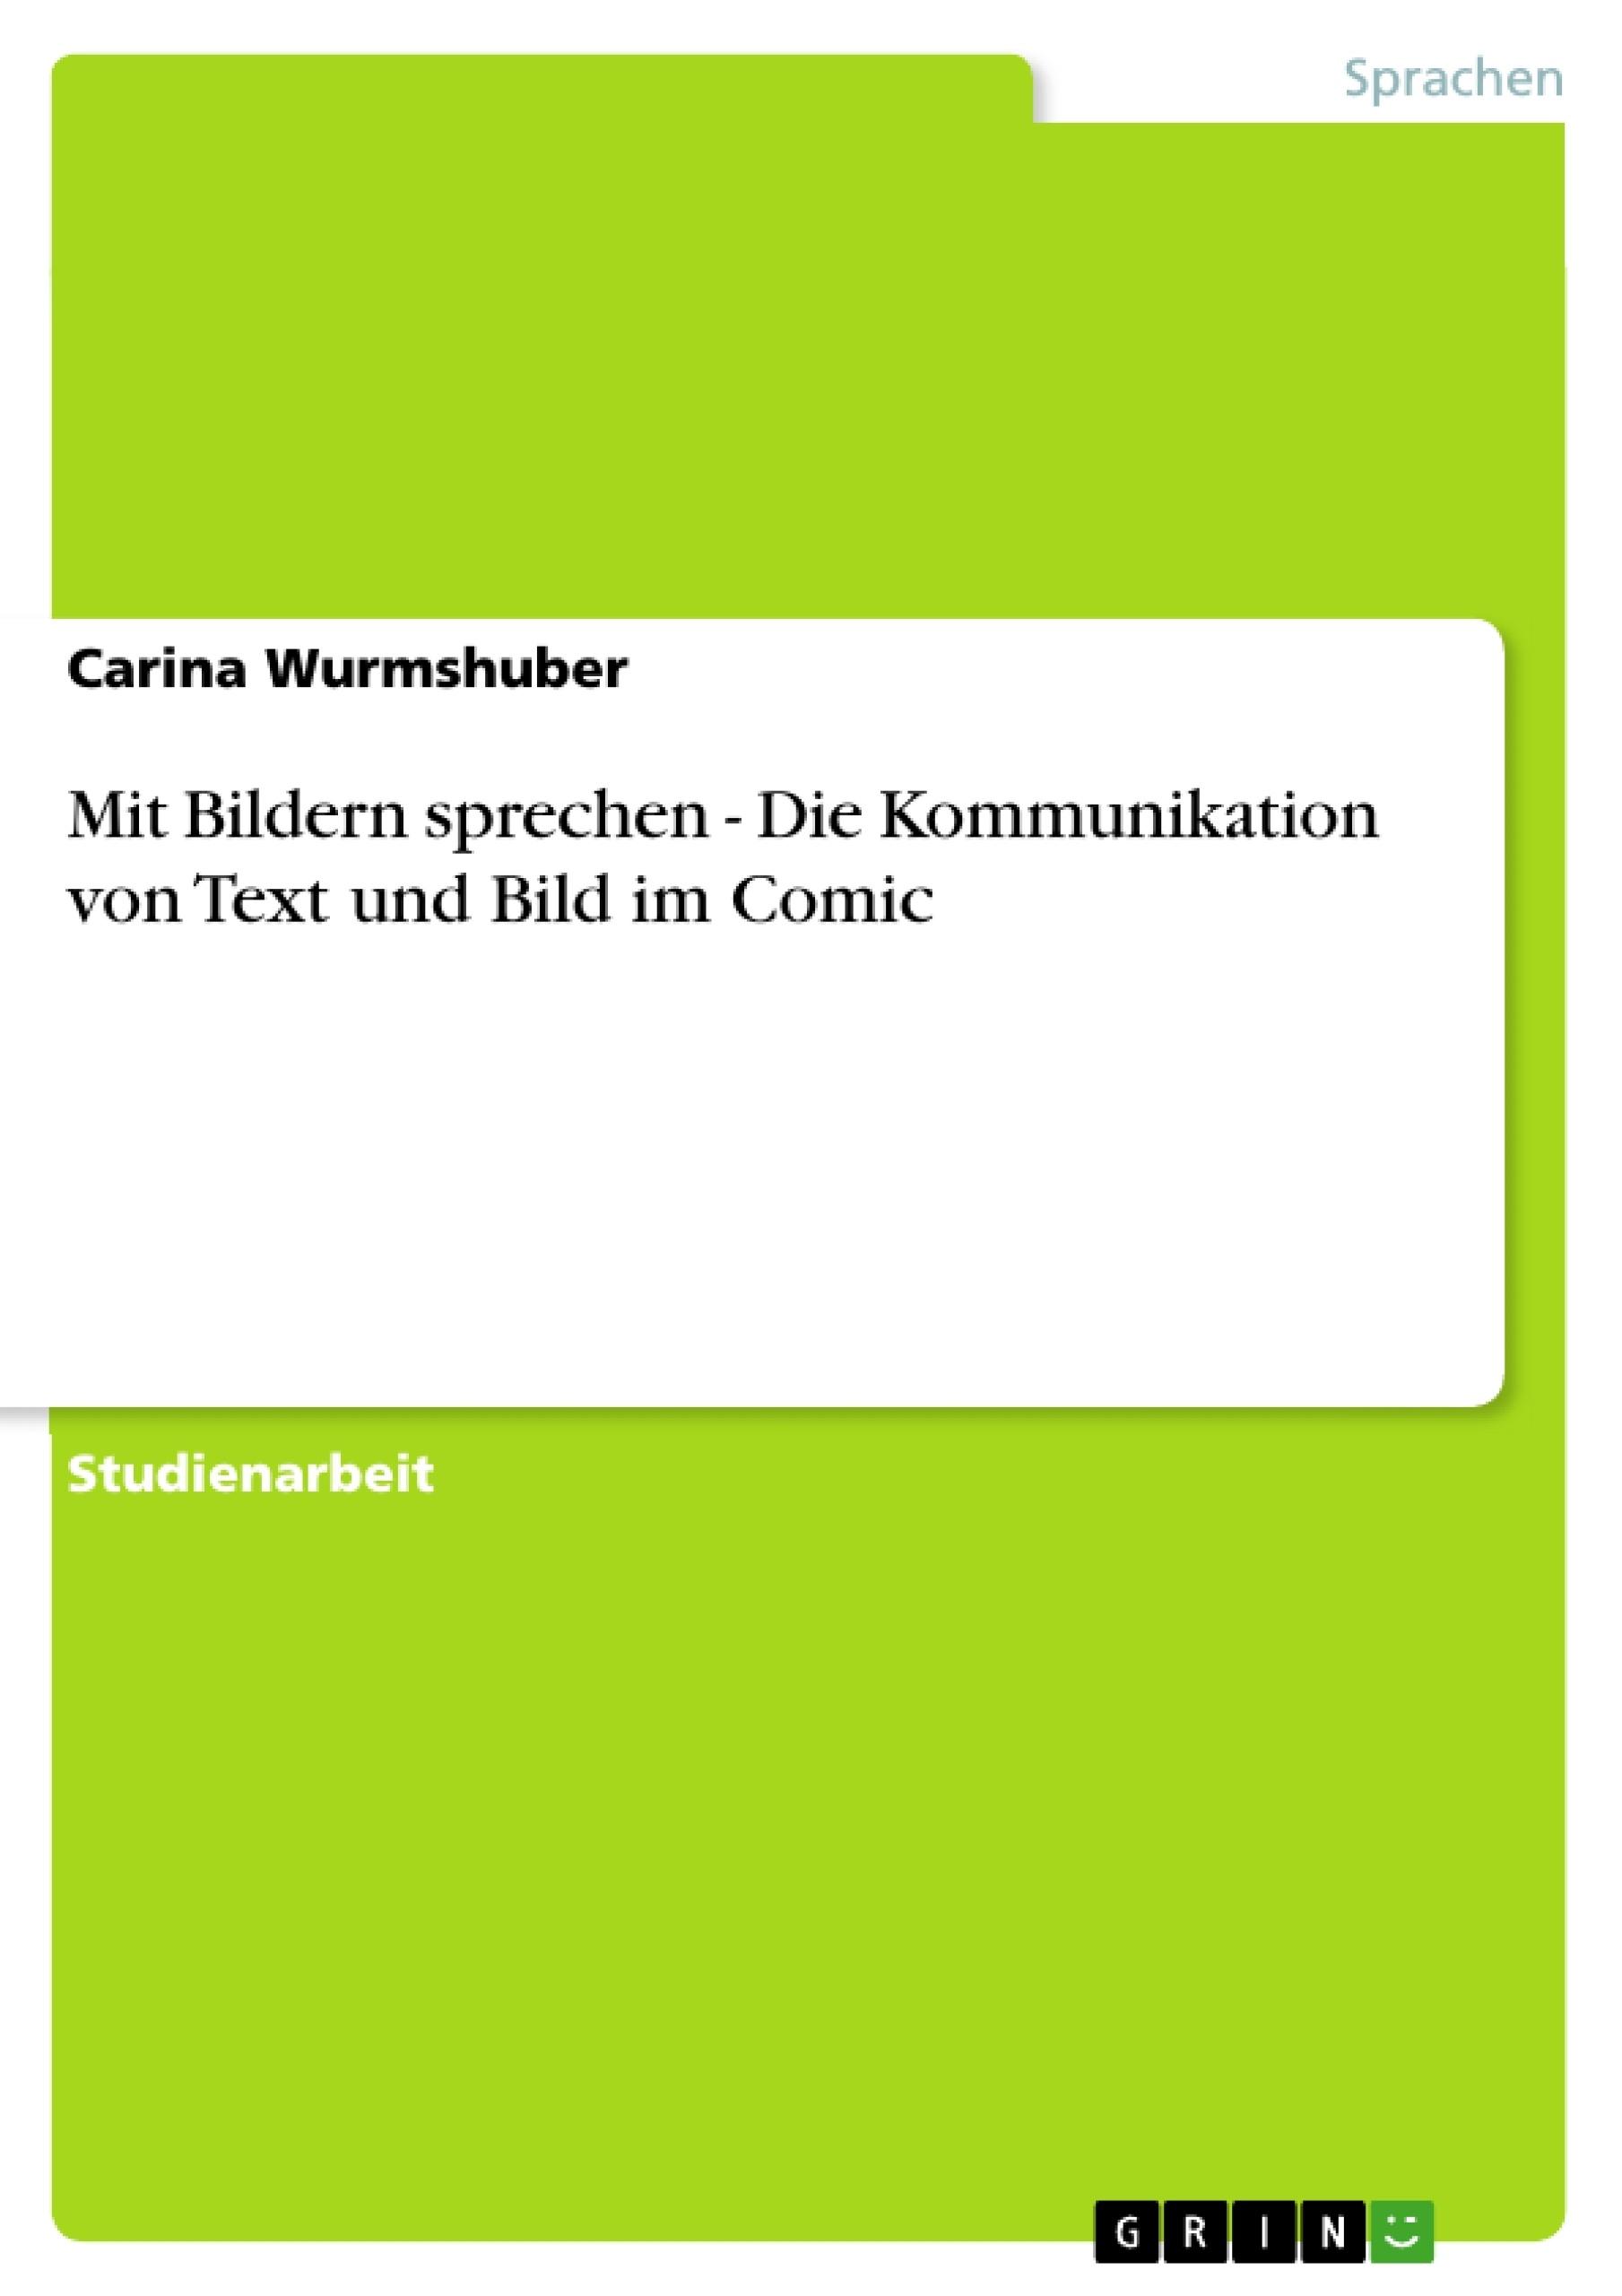 Titel: Mit Bildern sprechen - Die Kommunikation von Text und Bild im Comic